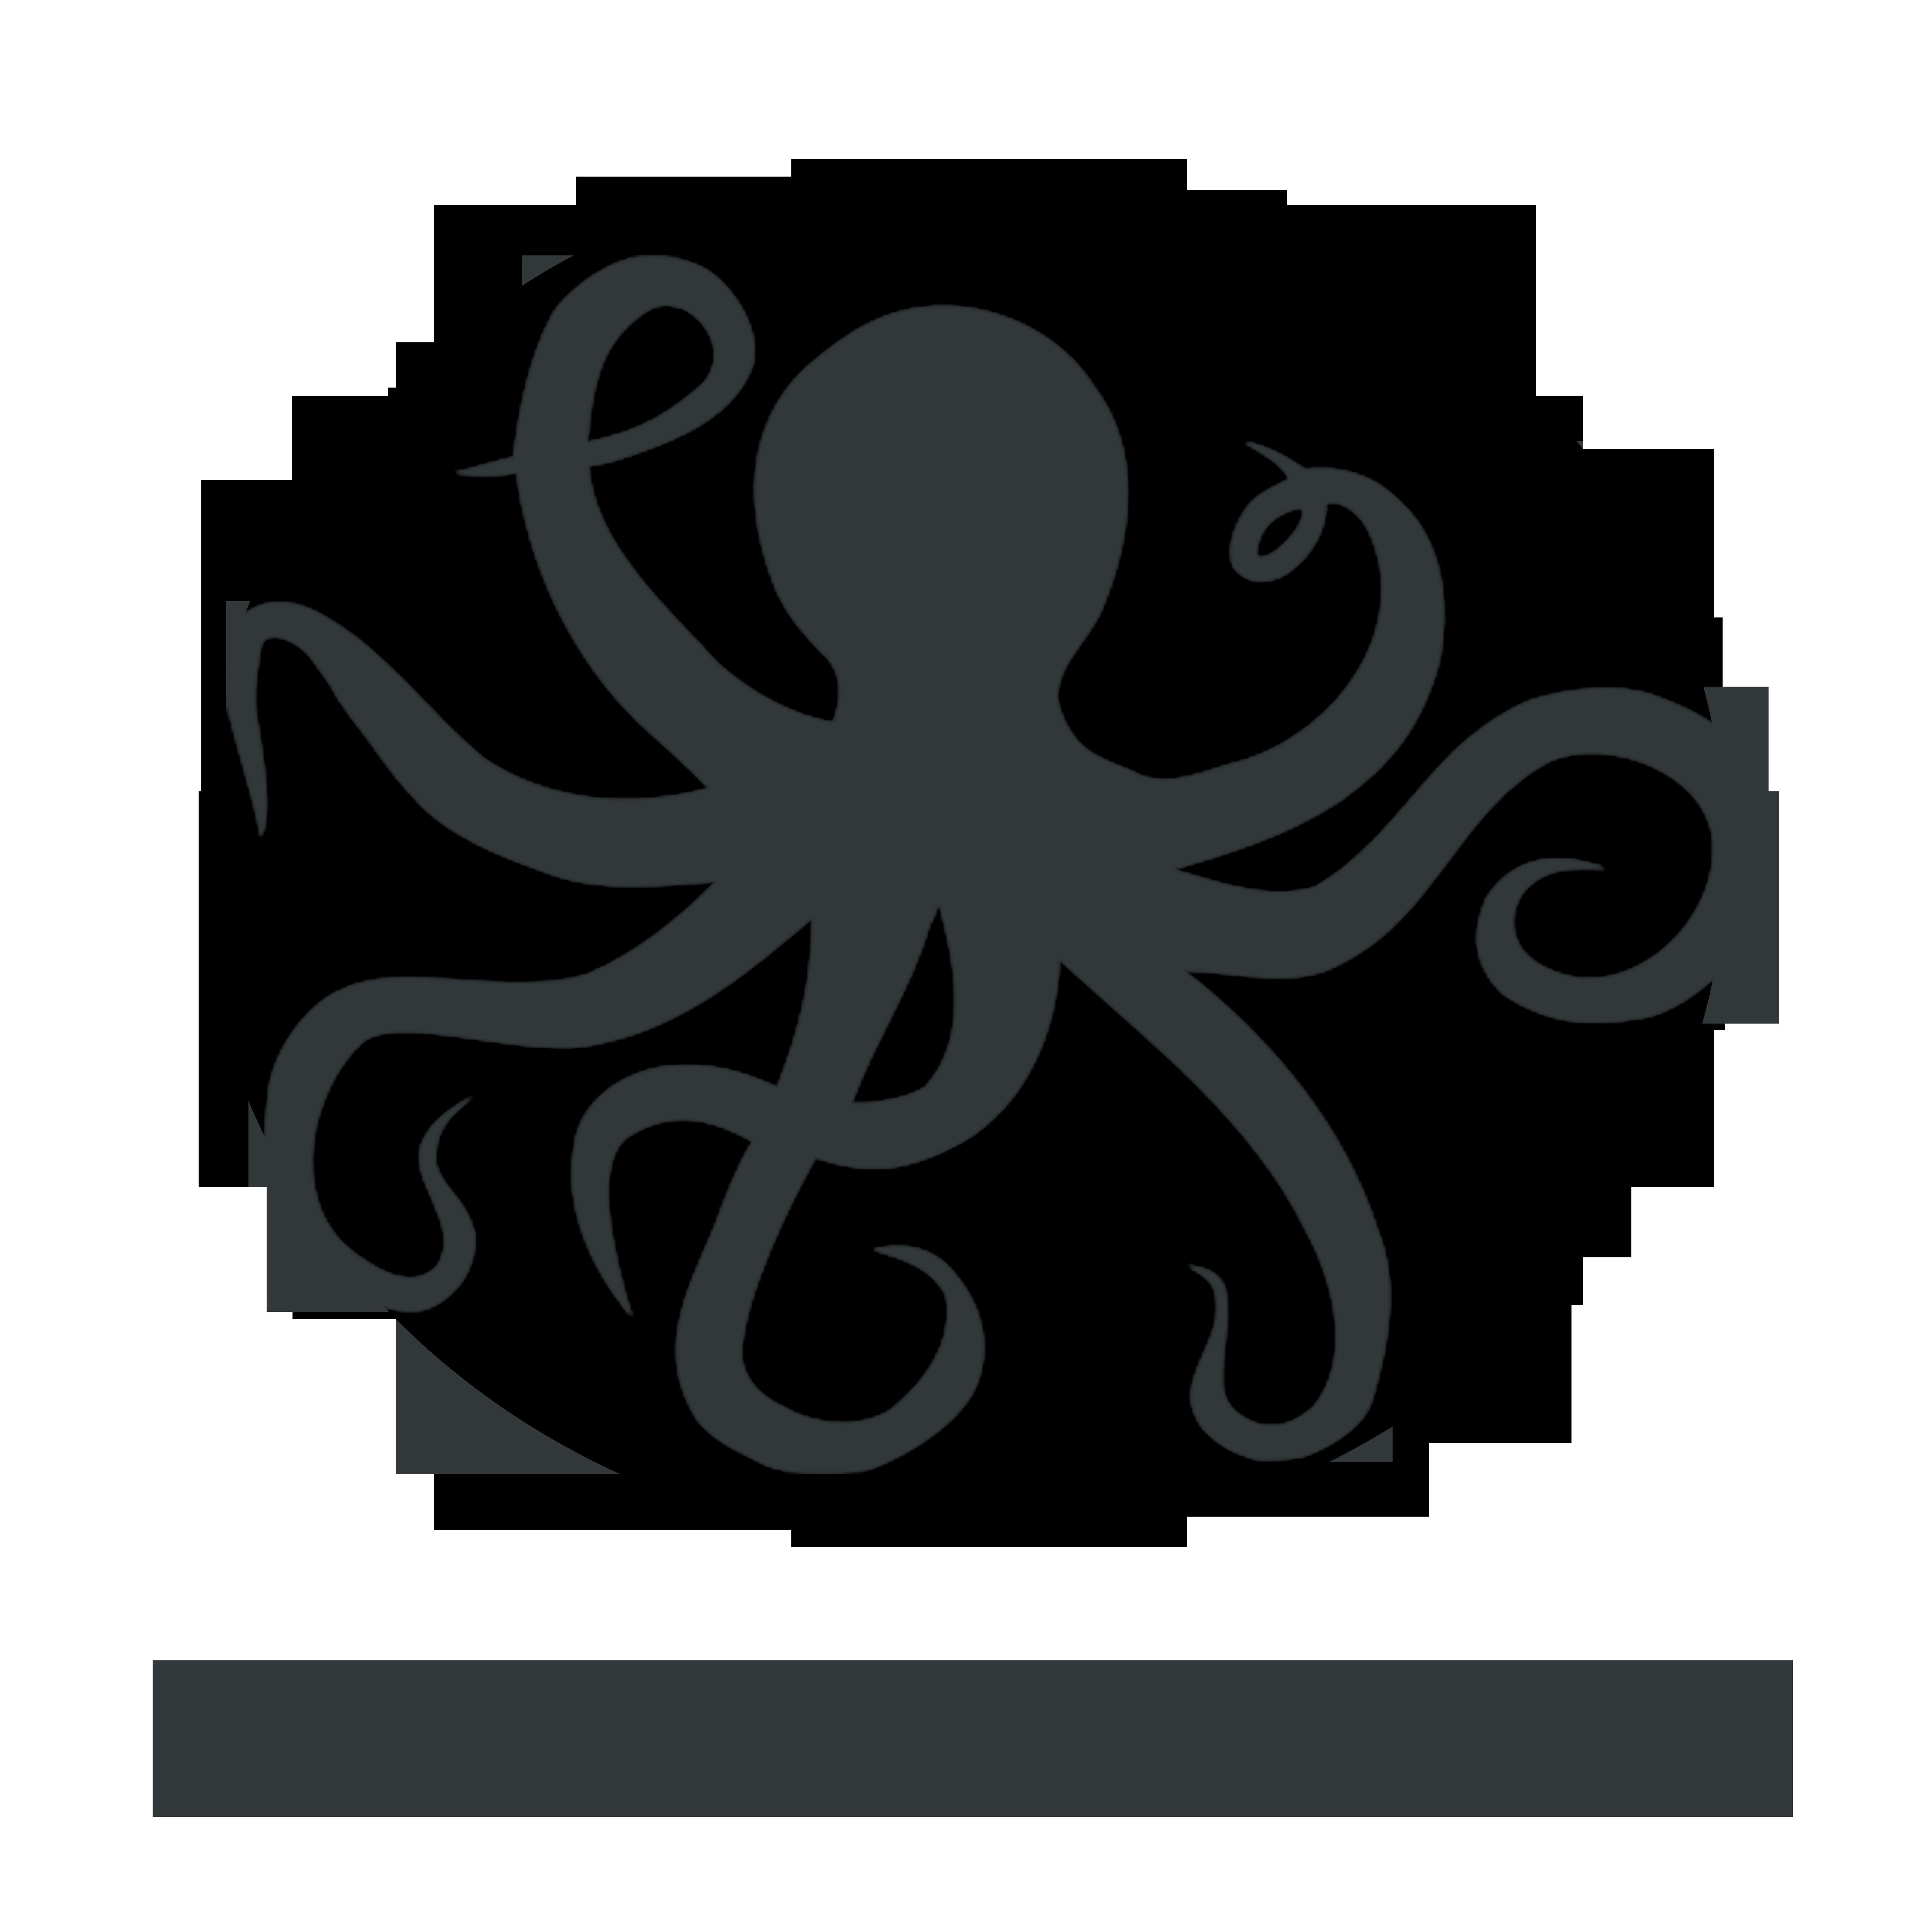 dailykrakenlogo3